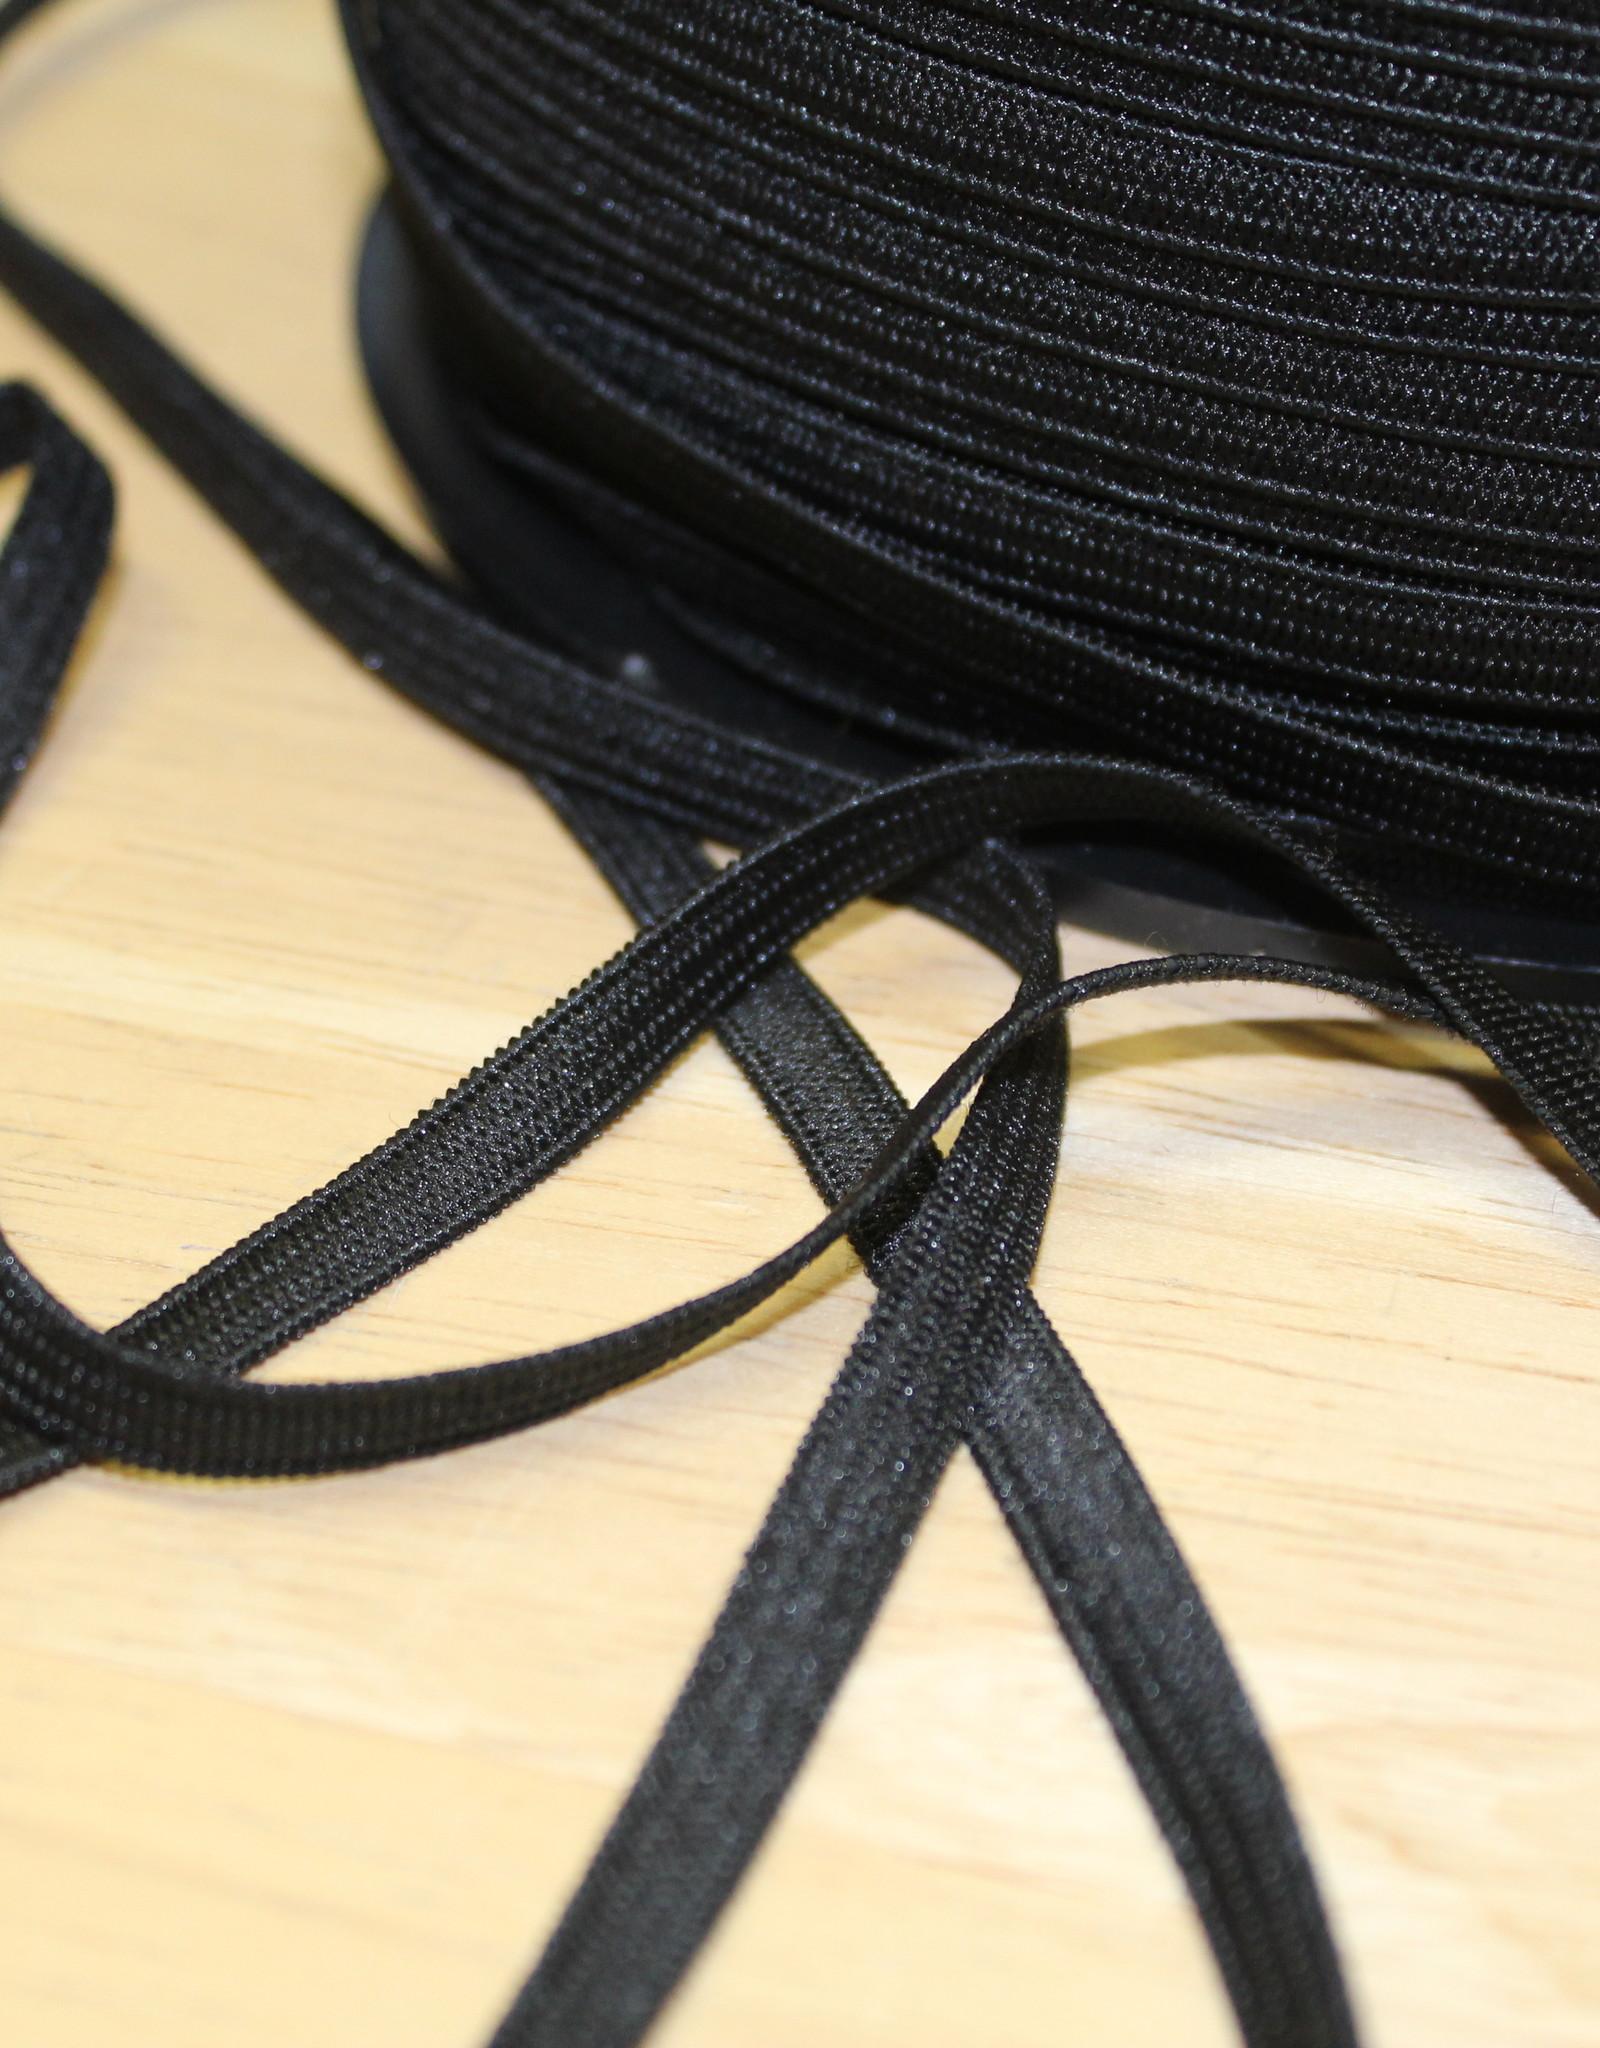 Soepel elastiek zwart 5mm